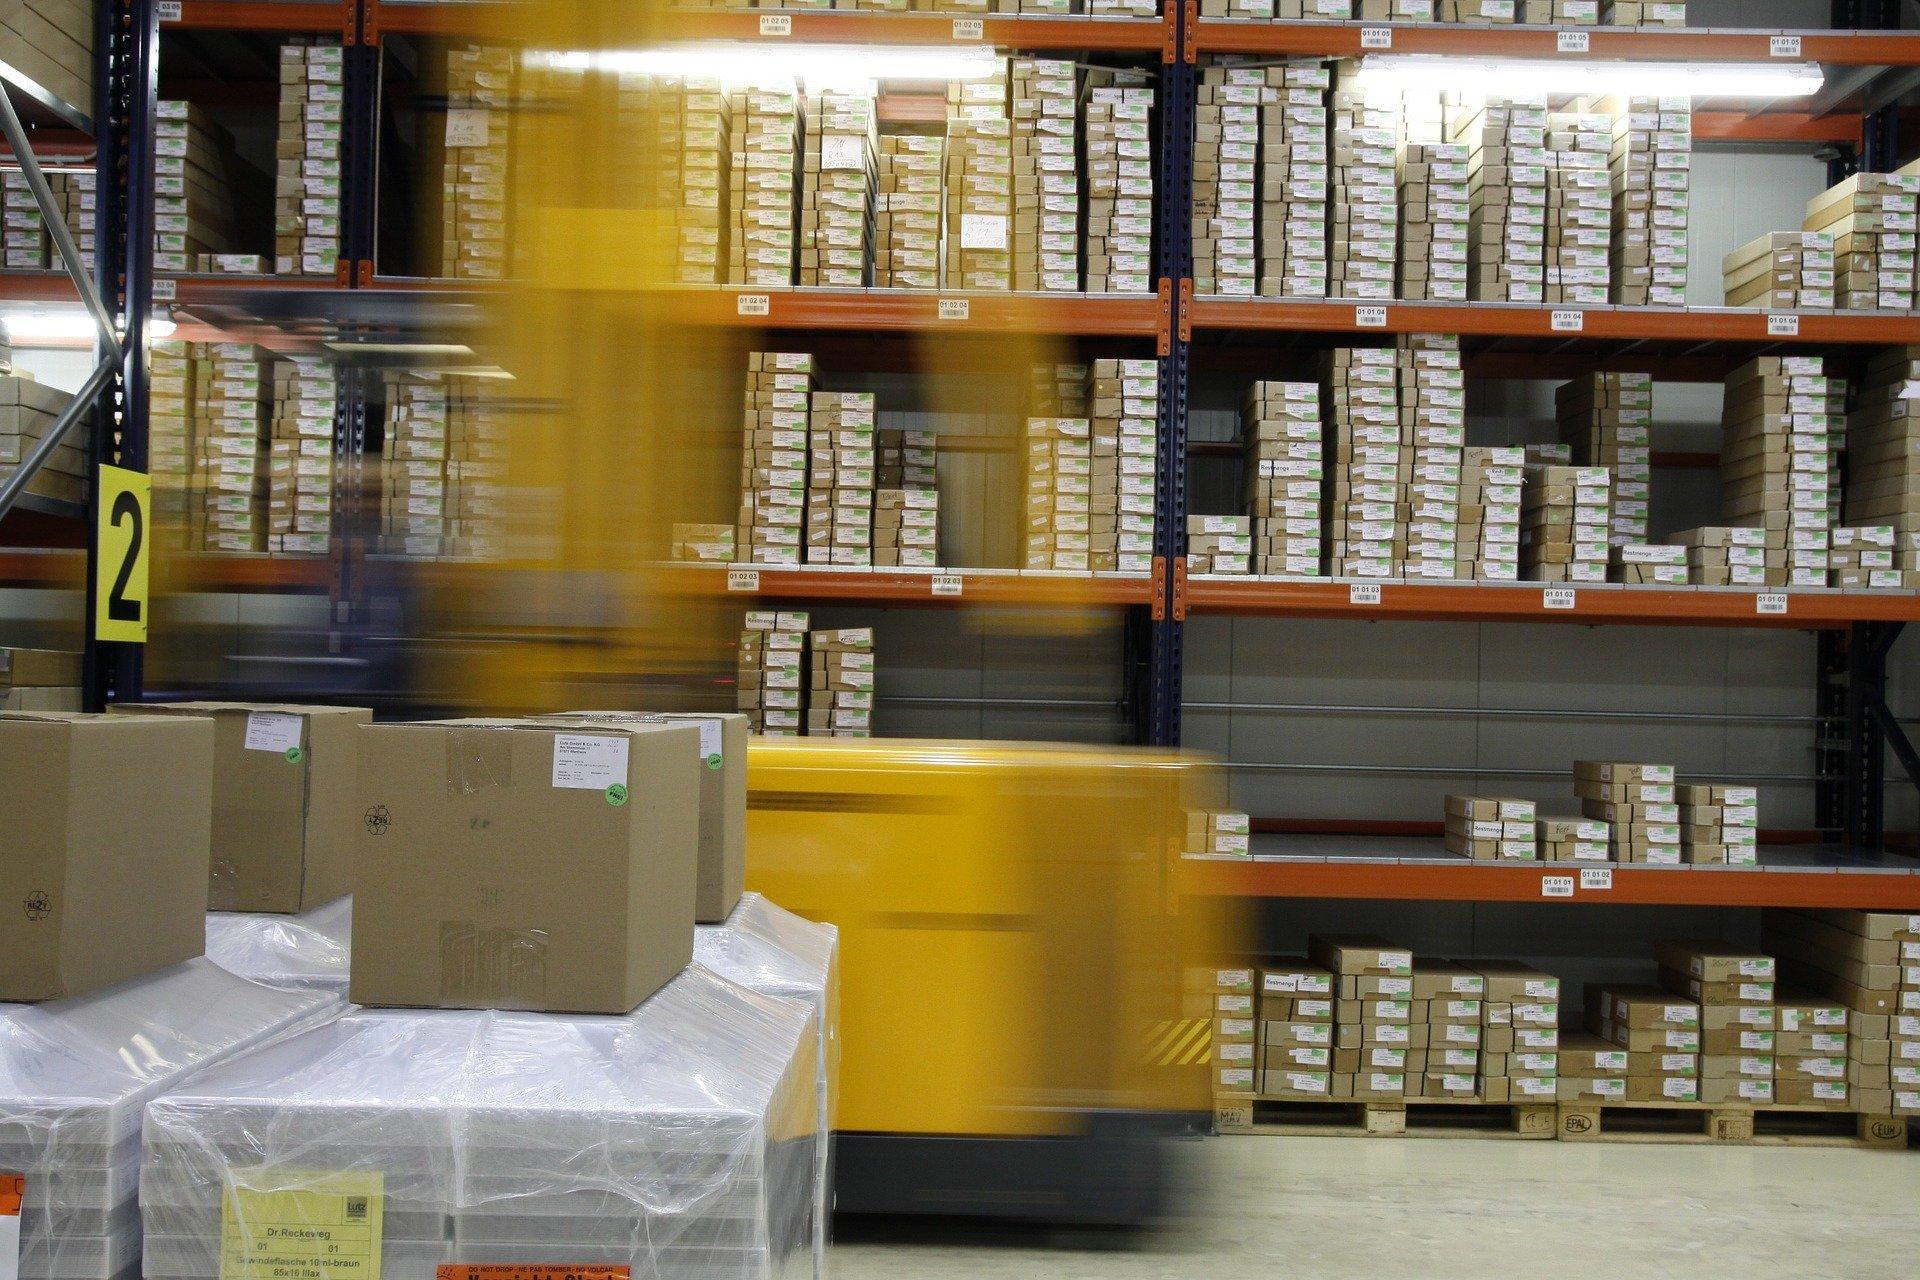 Como o Planejamento de Distribuição contribui para o equilíbrio entre oferta e demanda?